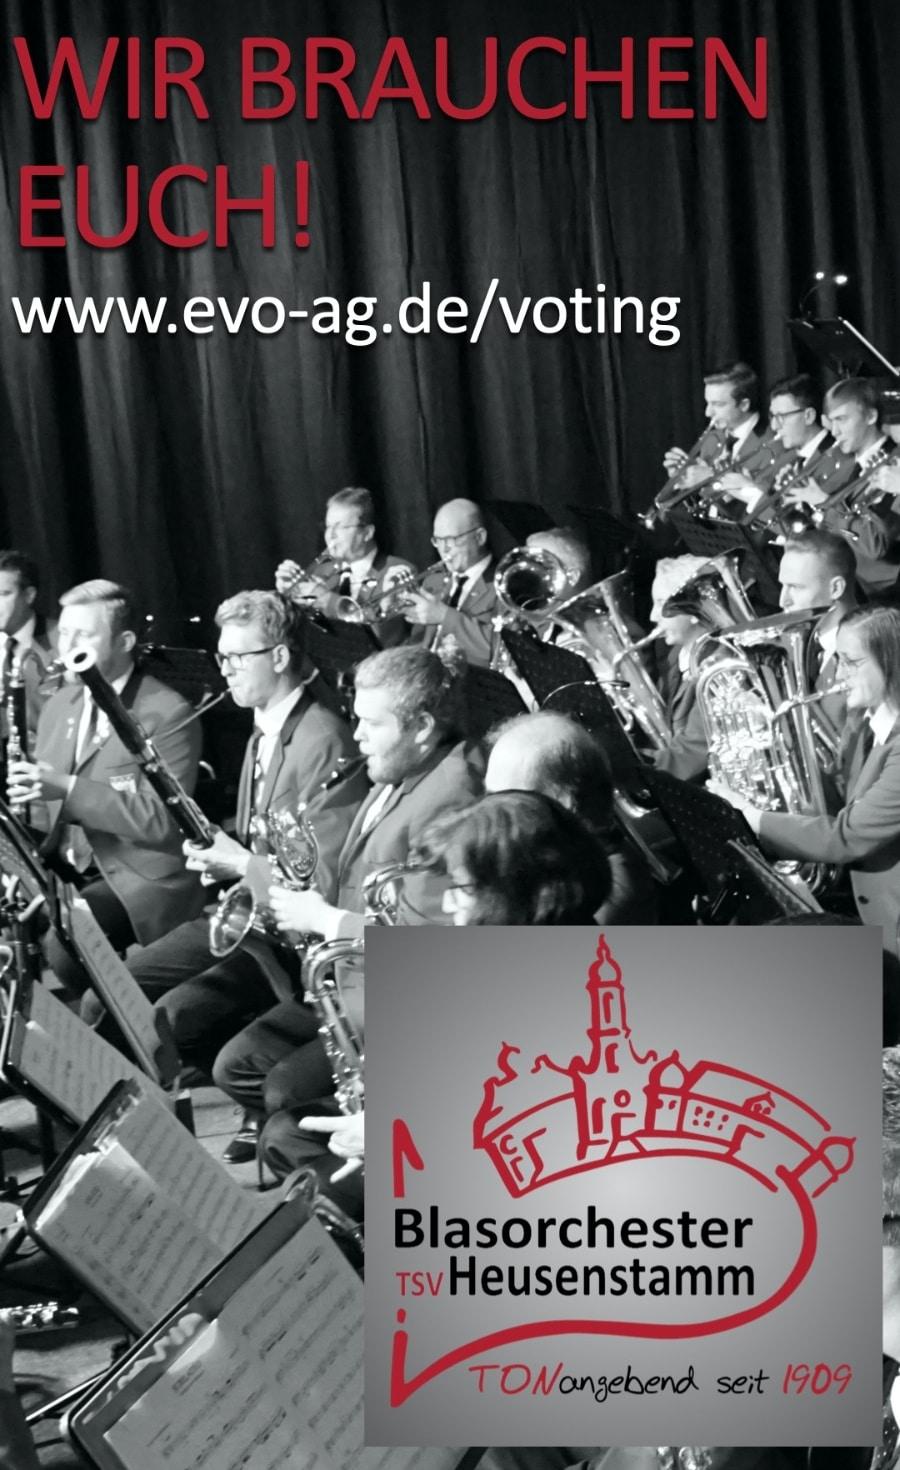 Voting-Blasorchester